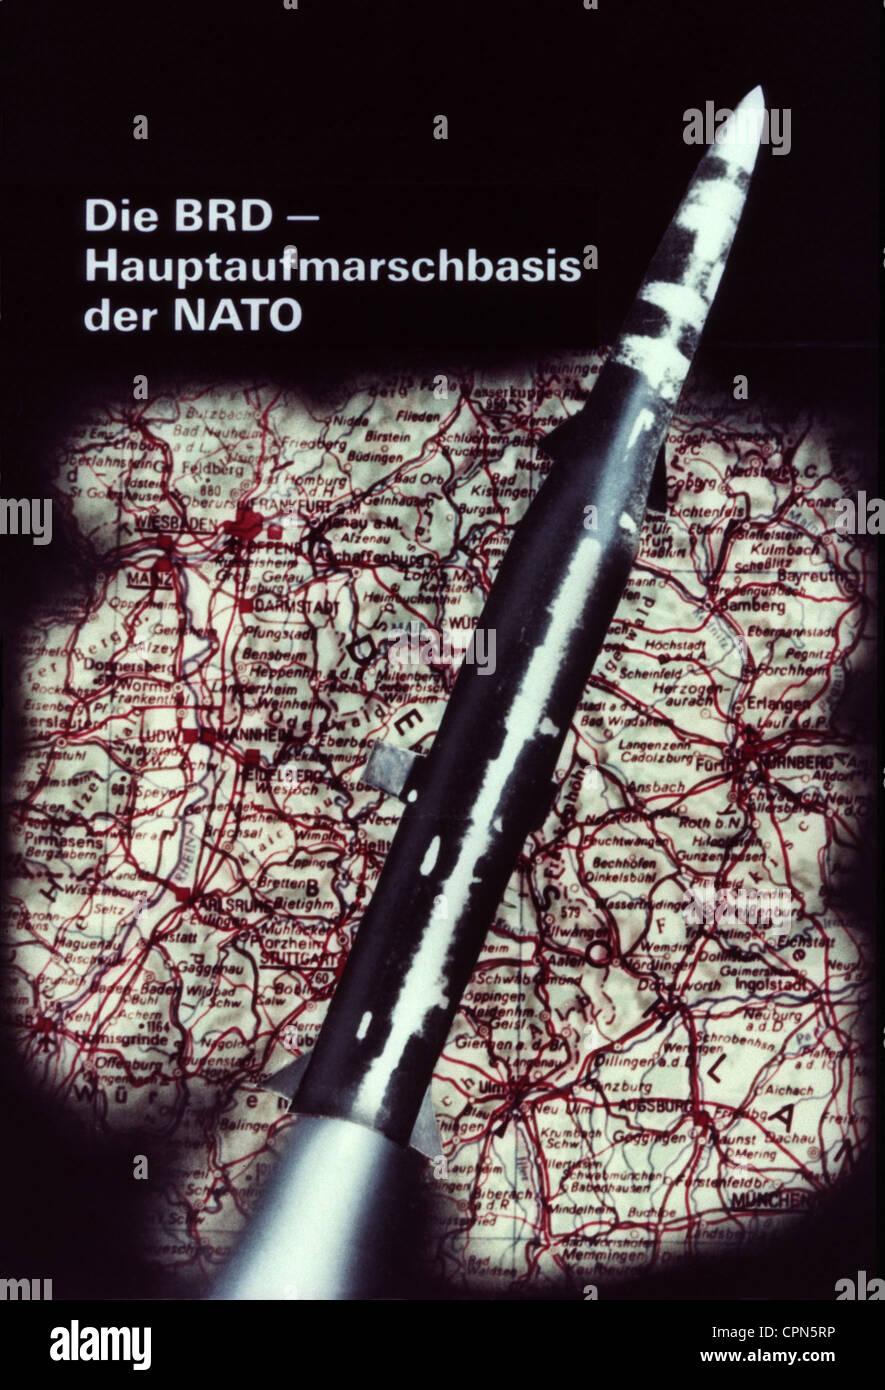 East-Germany, politica, propaganda contro l'Organizzazione del Trattato del Nord Atlantico (NATO), 'Die Immagini Stock